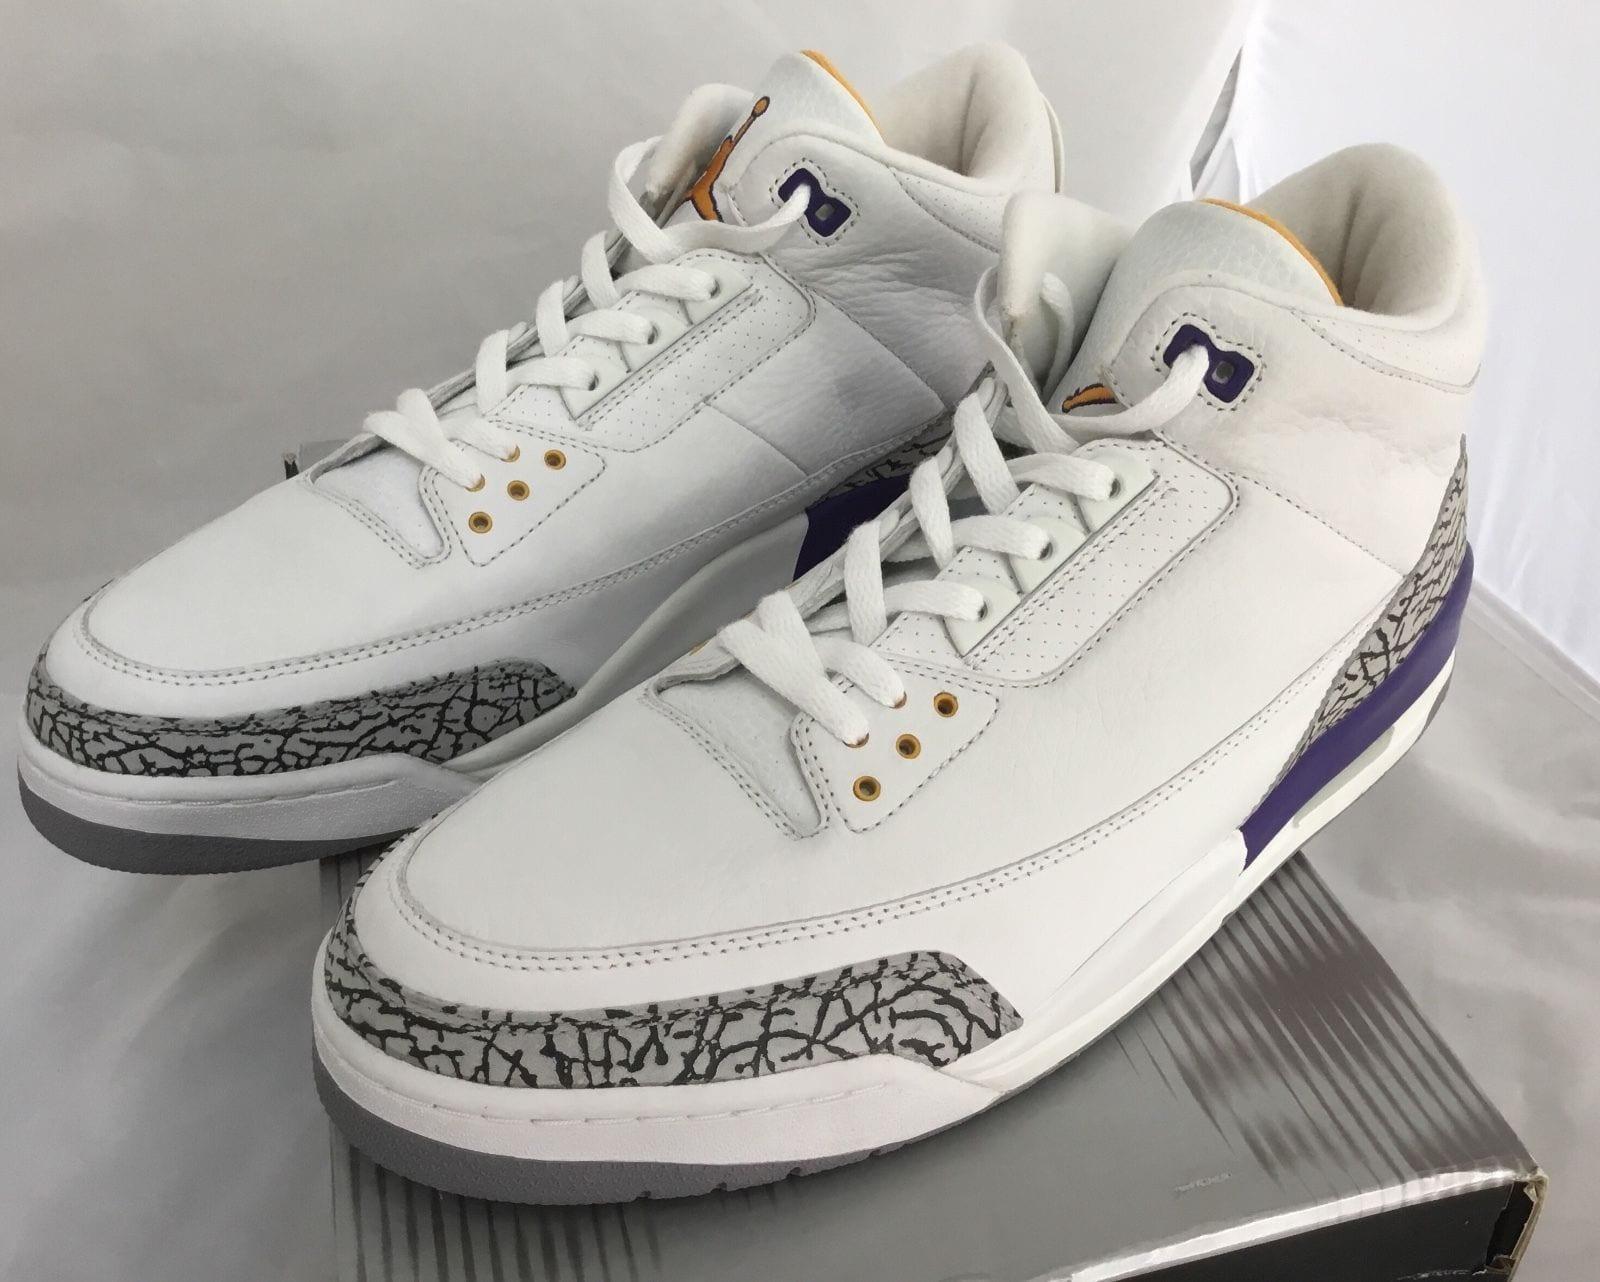 Lakers News: Kobe Bryant's Game-worn Air Jordan Sneakers Sell For $30,400